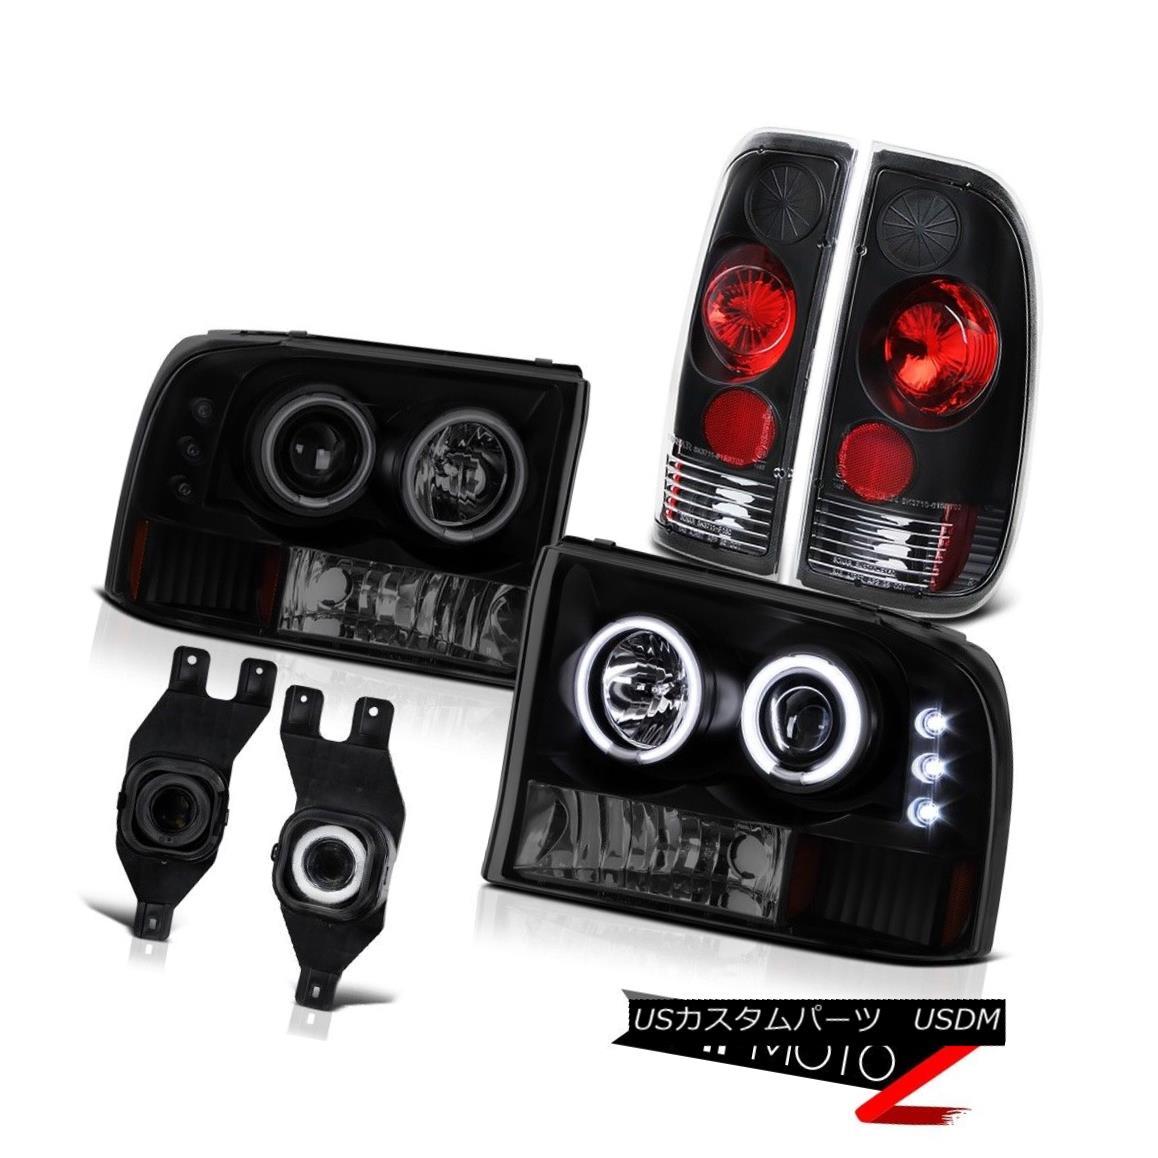 テールライト 99-04 Ford F-Series Super Duty Halo Headlight Smoke LED Rear Brake Light Foglamp 99-04 Ford FシリーズSuper Duty HaloヘッドライトスモークLEDリアブレーキライトFoglamp